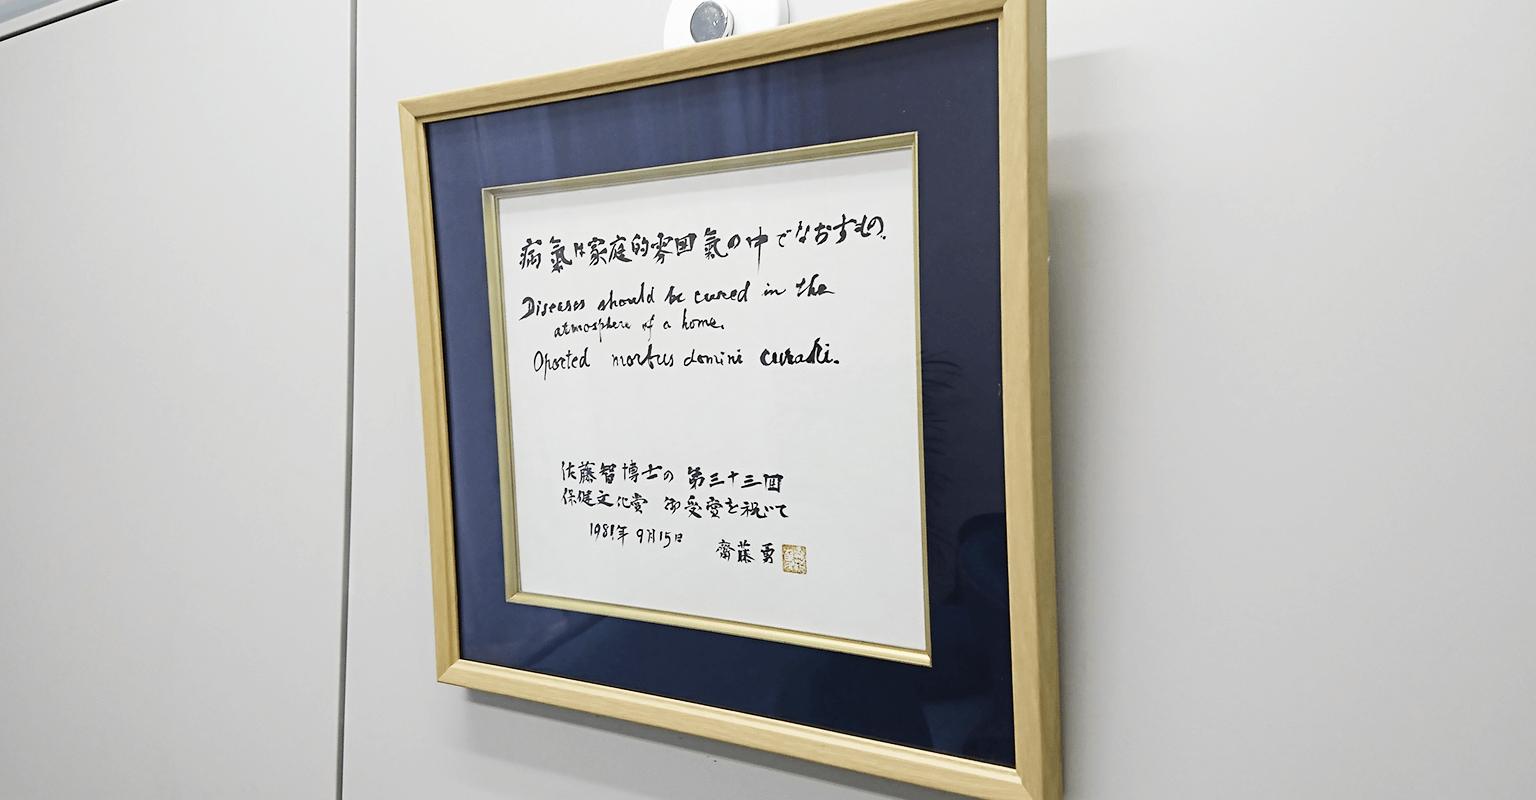 神田 すこやか クリニック